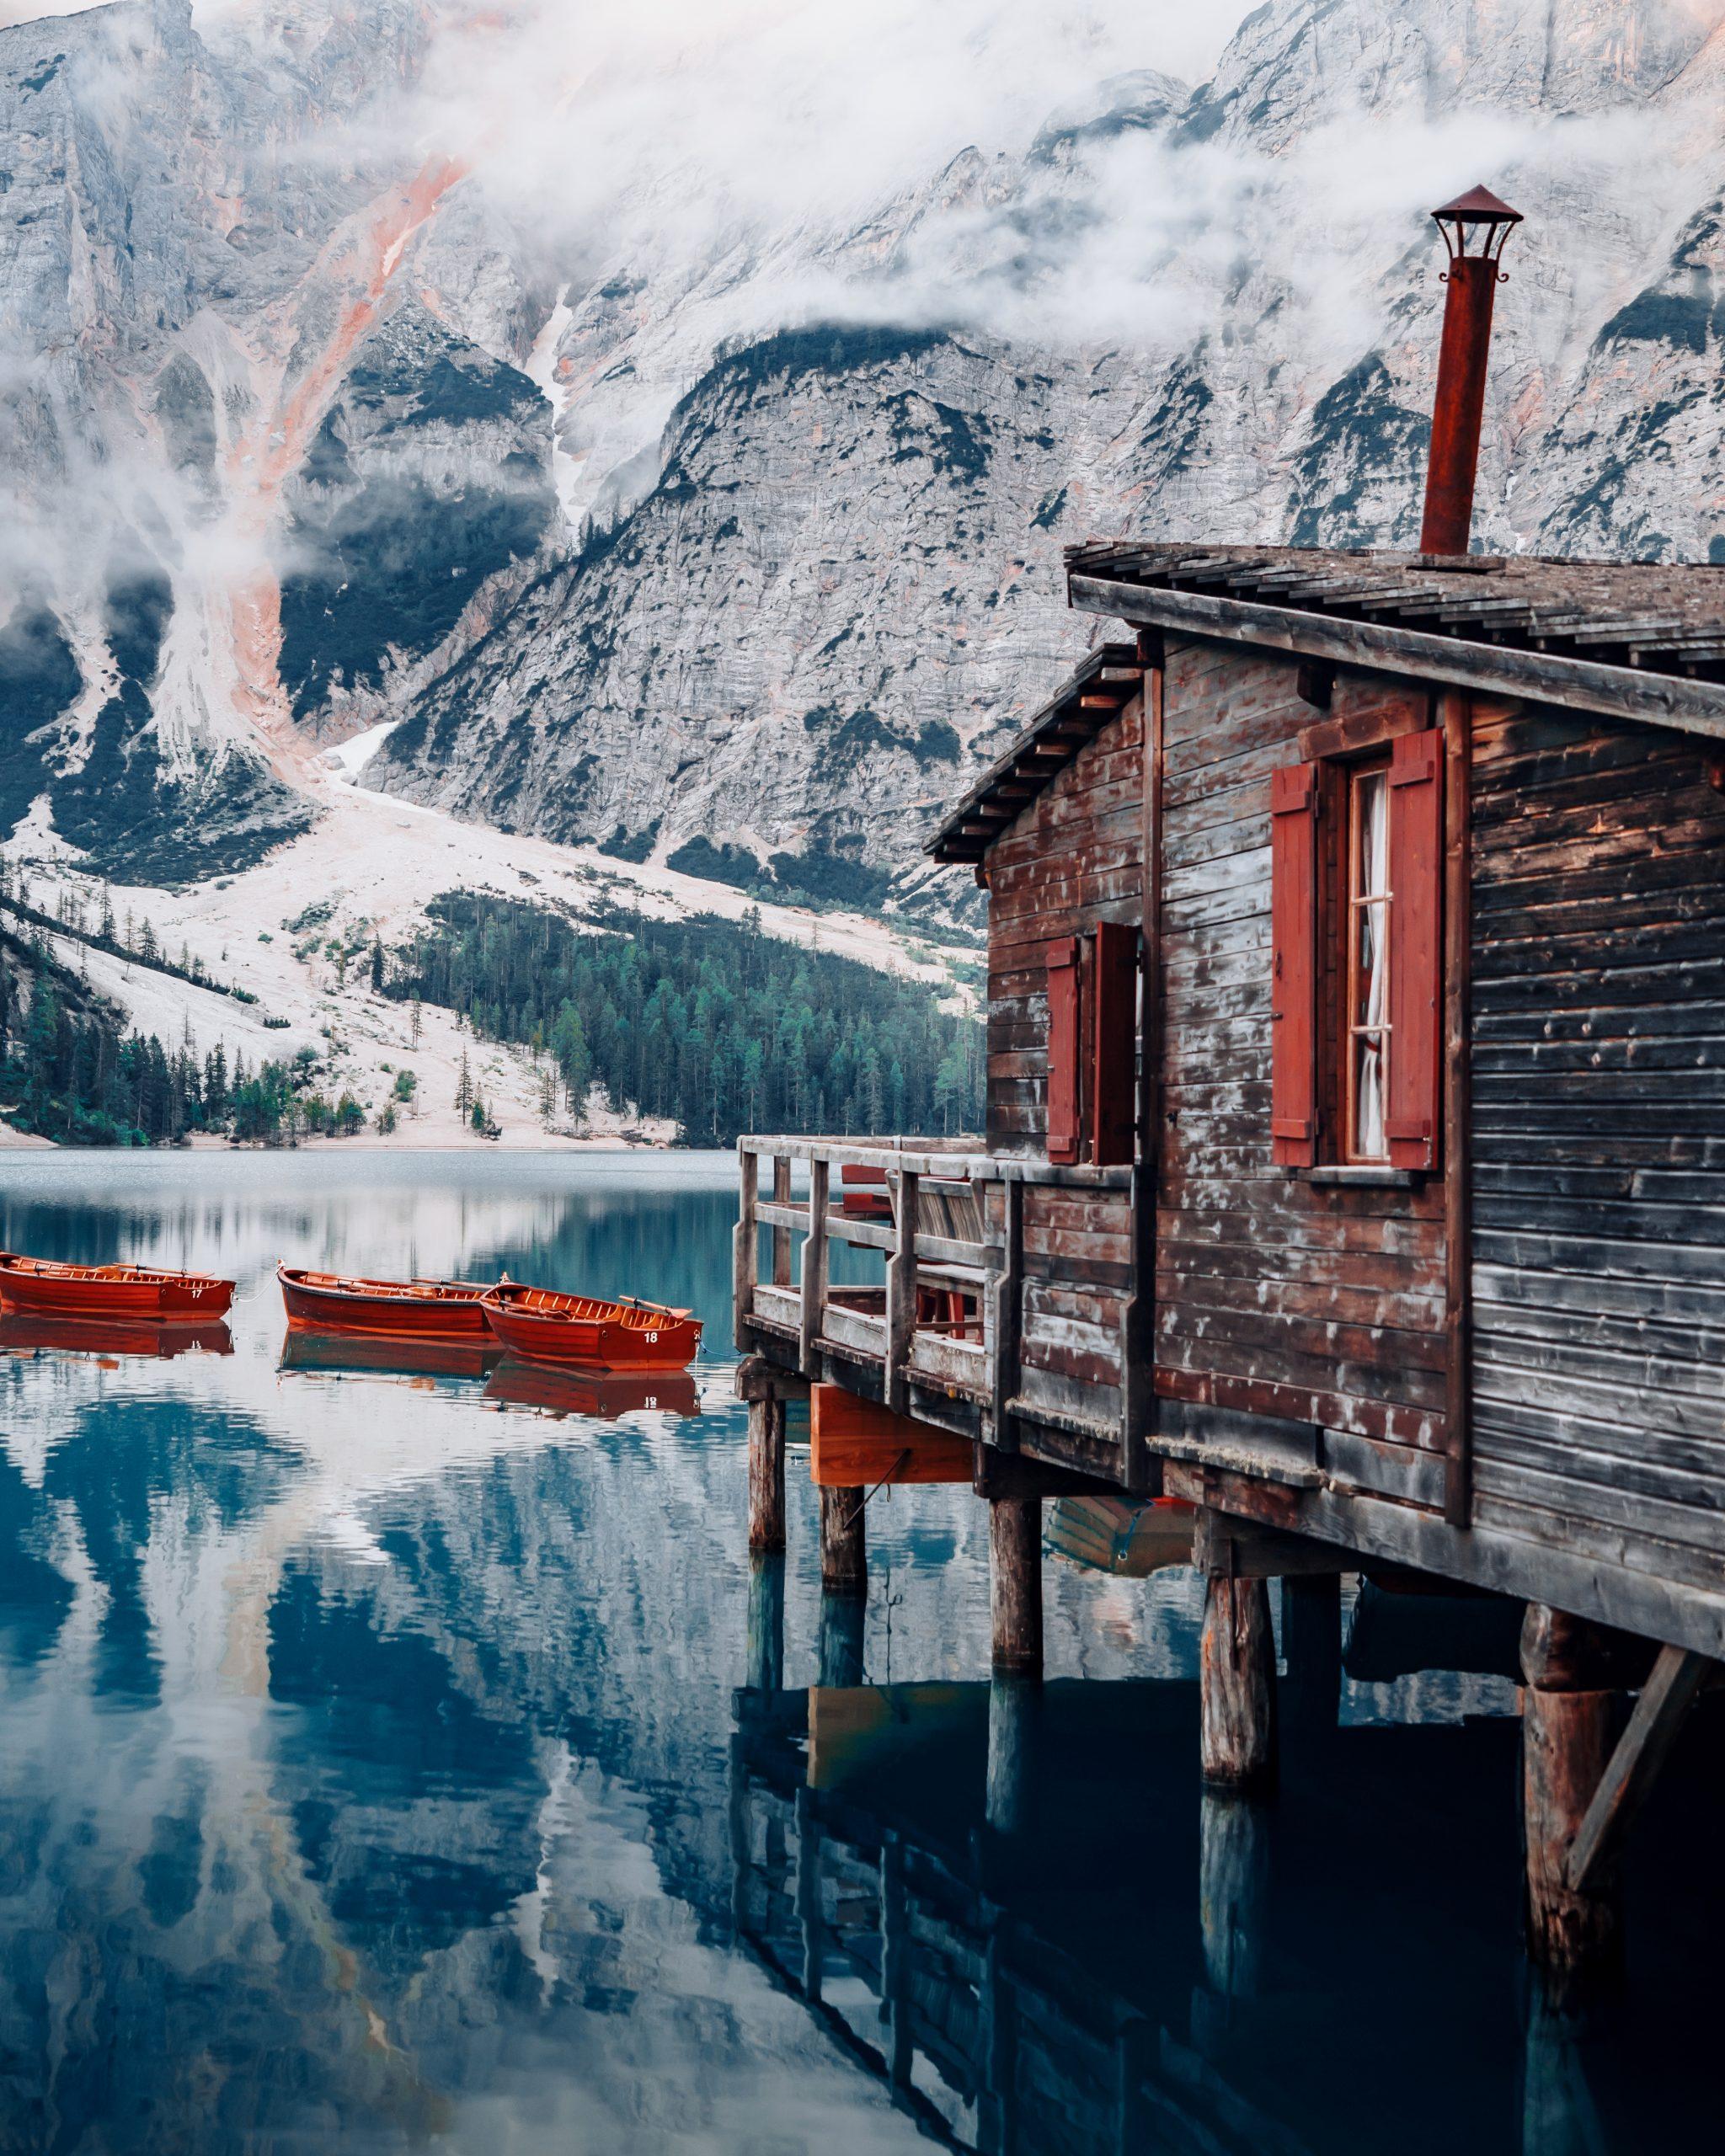 Bild zur Werbung für meine Arbeit als Landschaftsfotograf